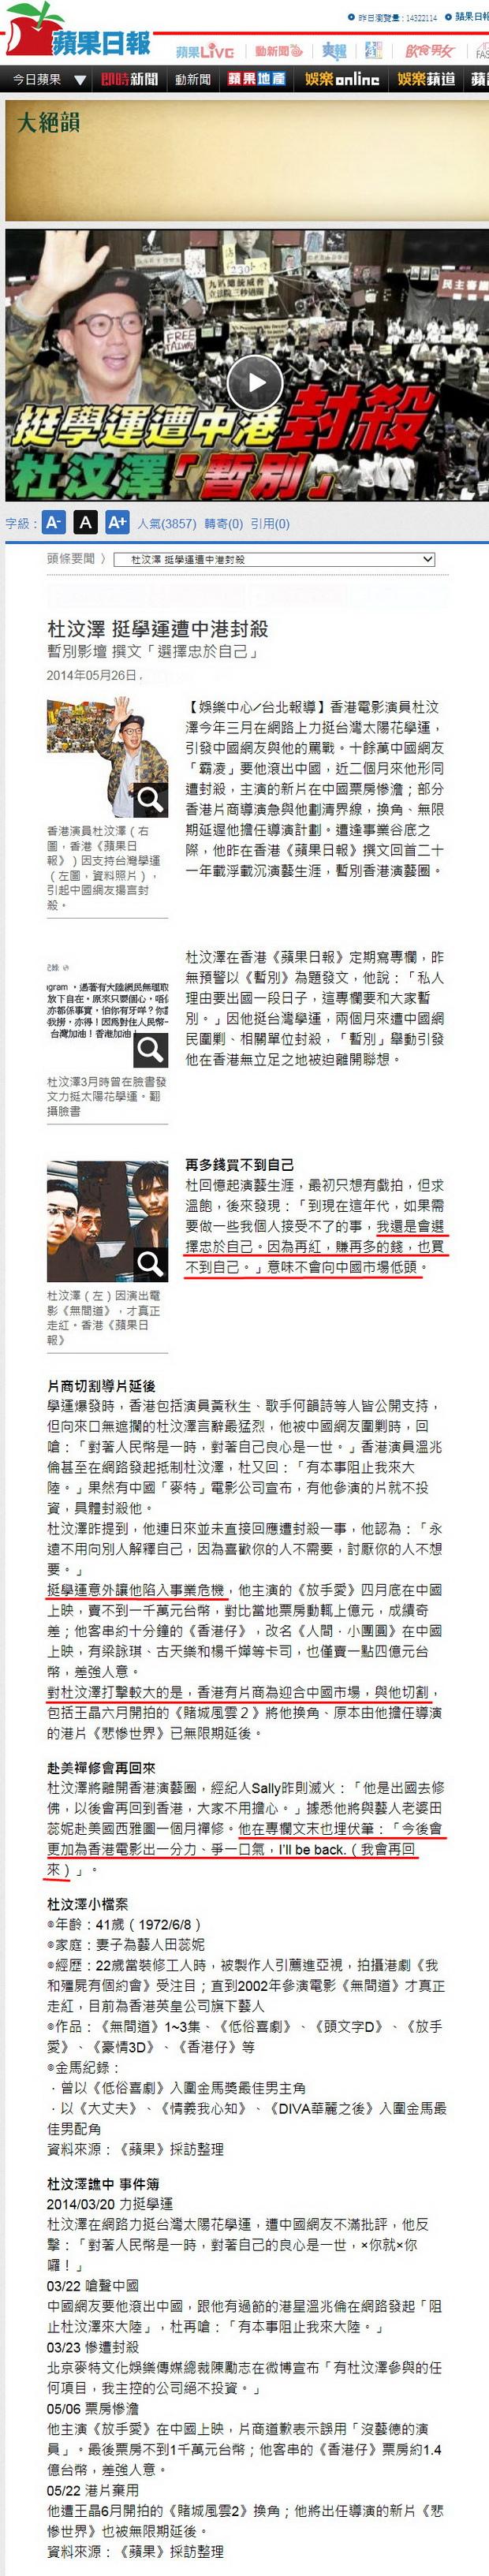 杜汶澤 挺學運遭中港封殺-2014.05.26.jpg